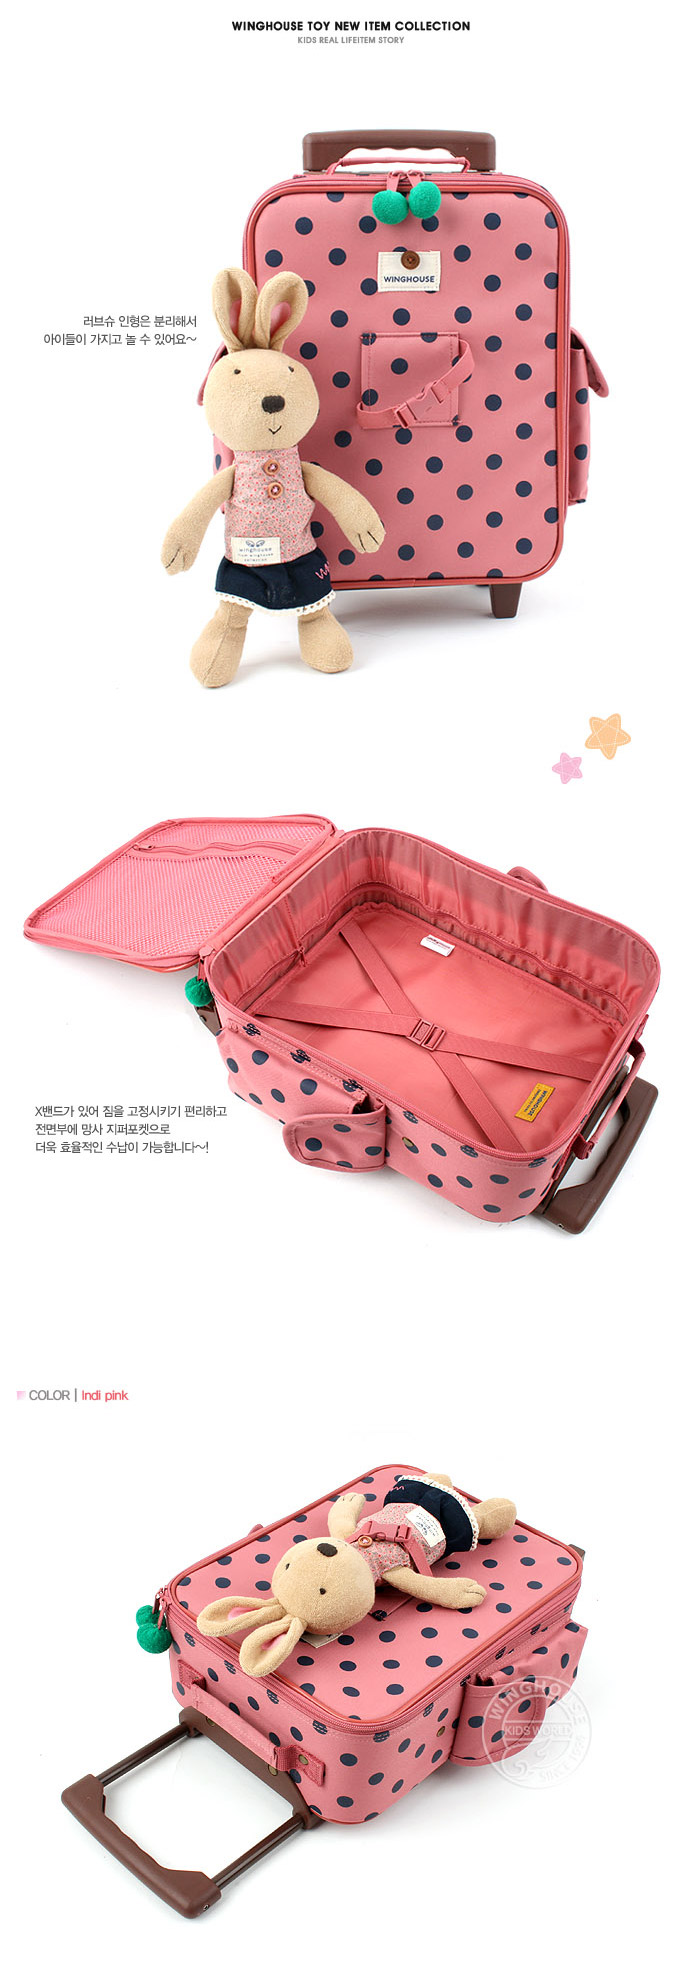 ... ‧迷你兒童用行李箱【R1682】-【Banana-Kids香蕉童裝